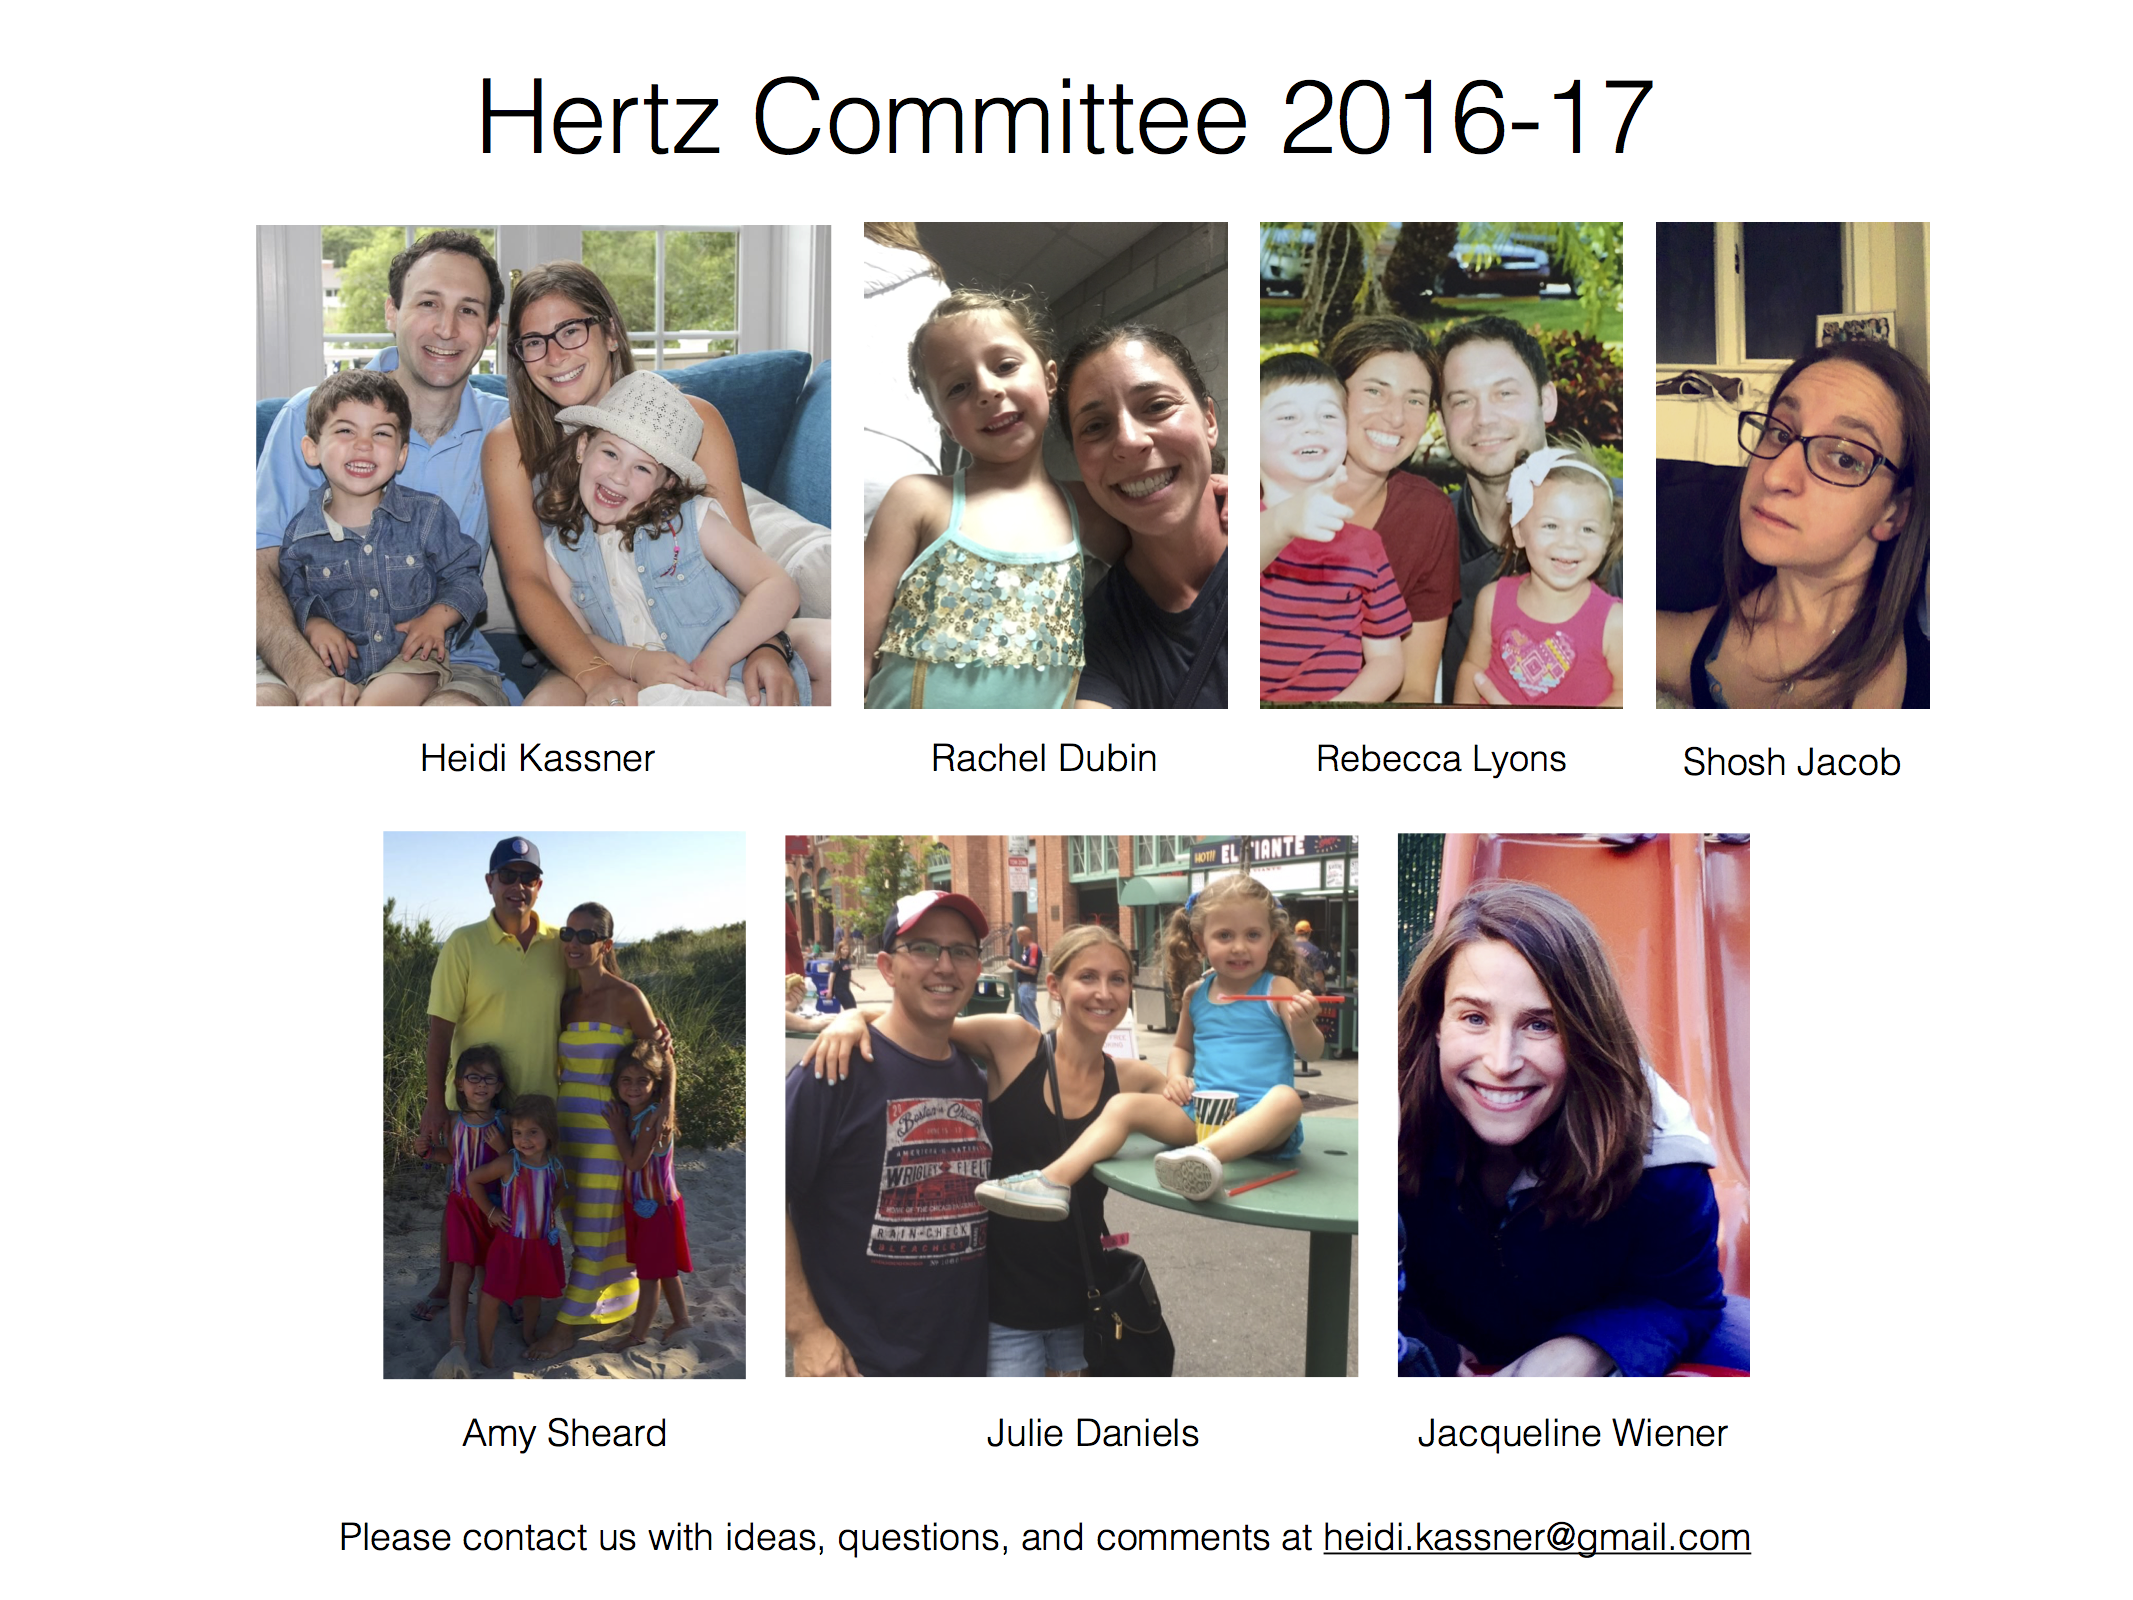 hertz-committee-pix